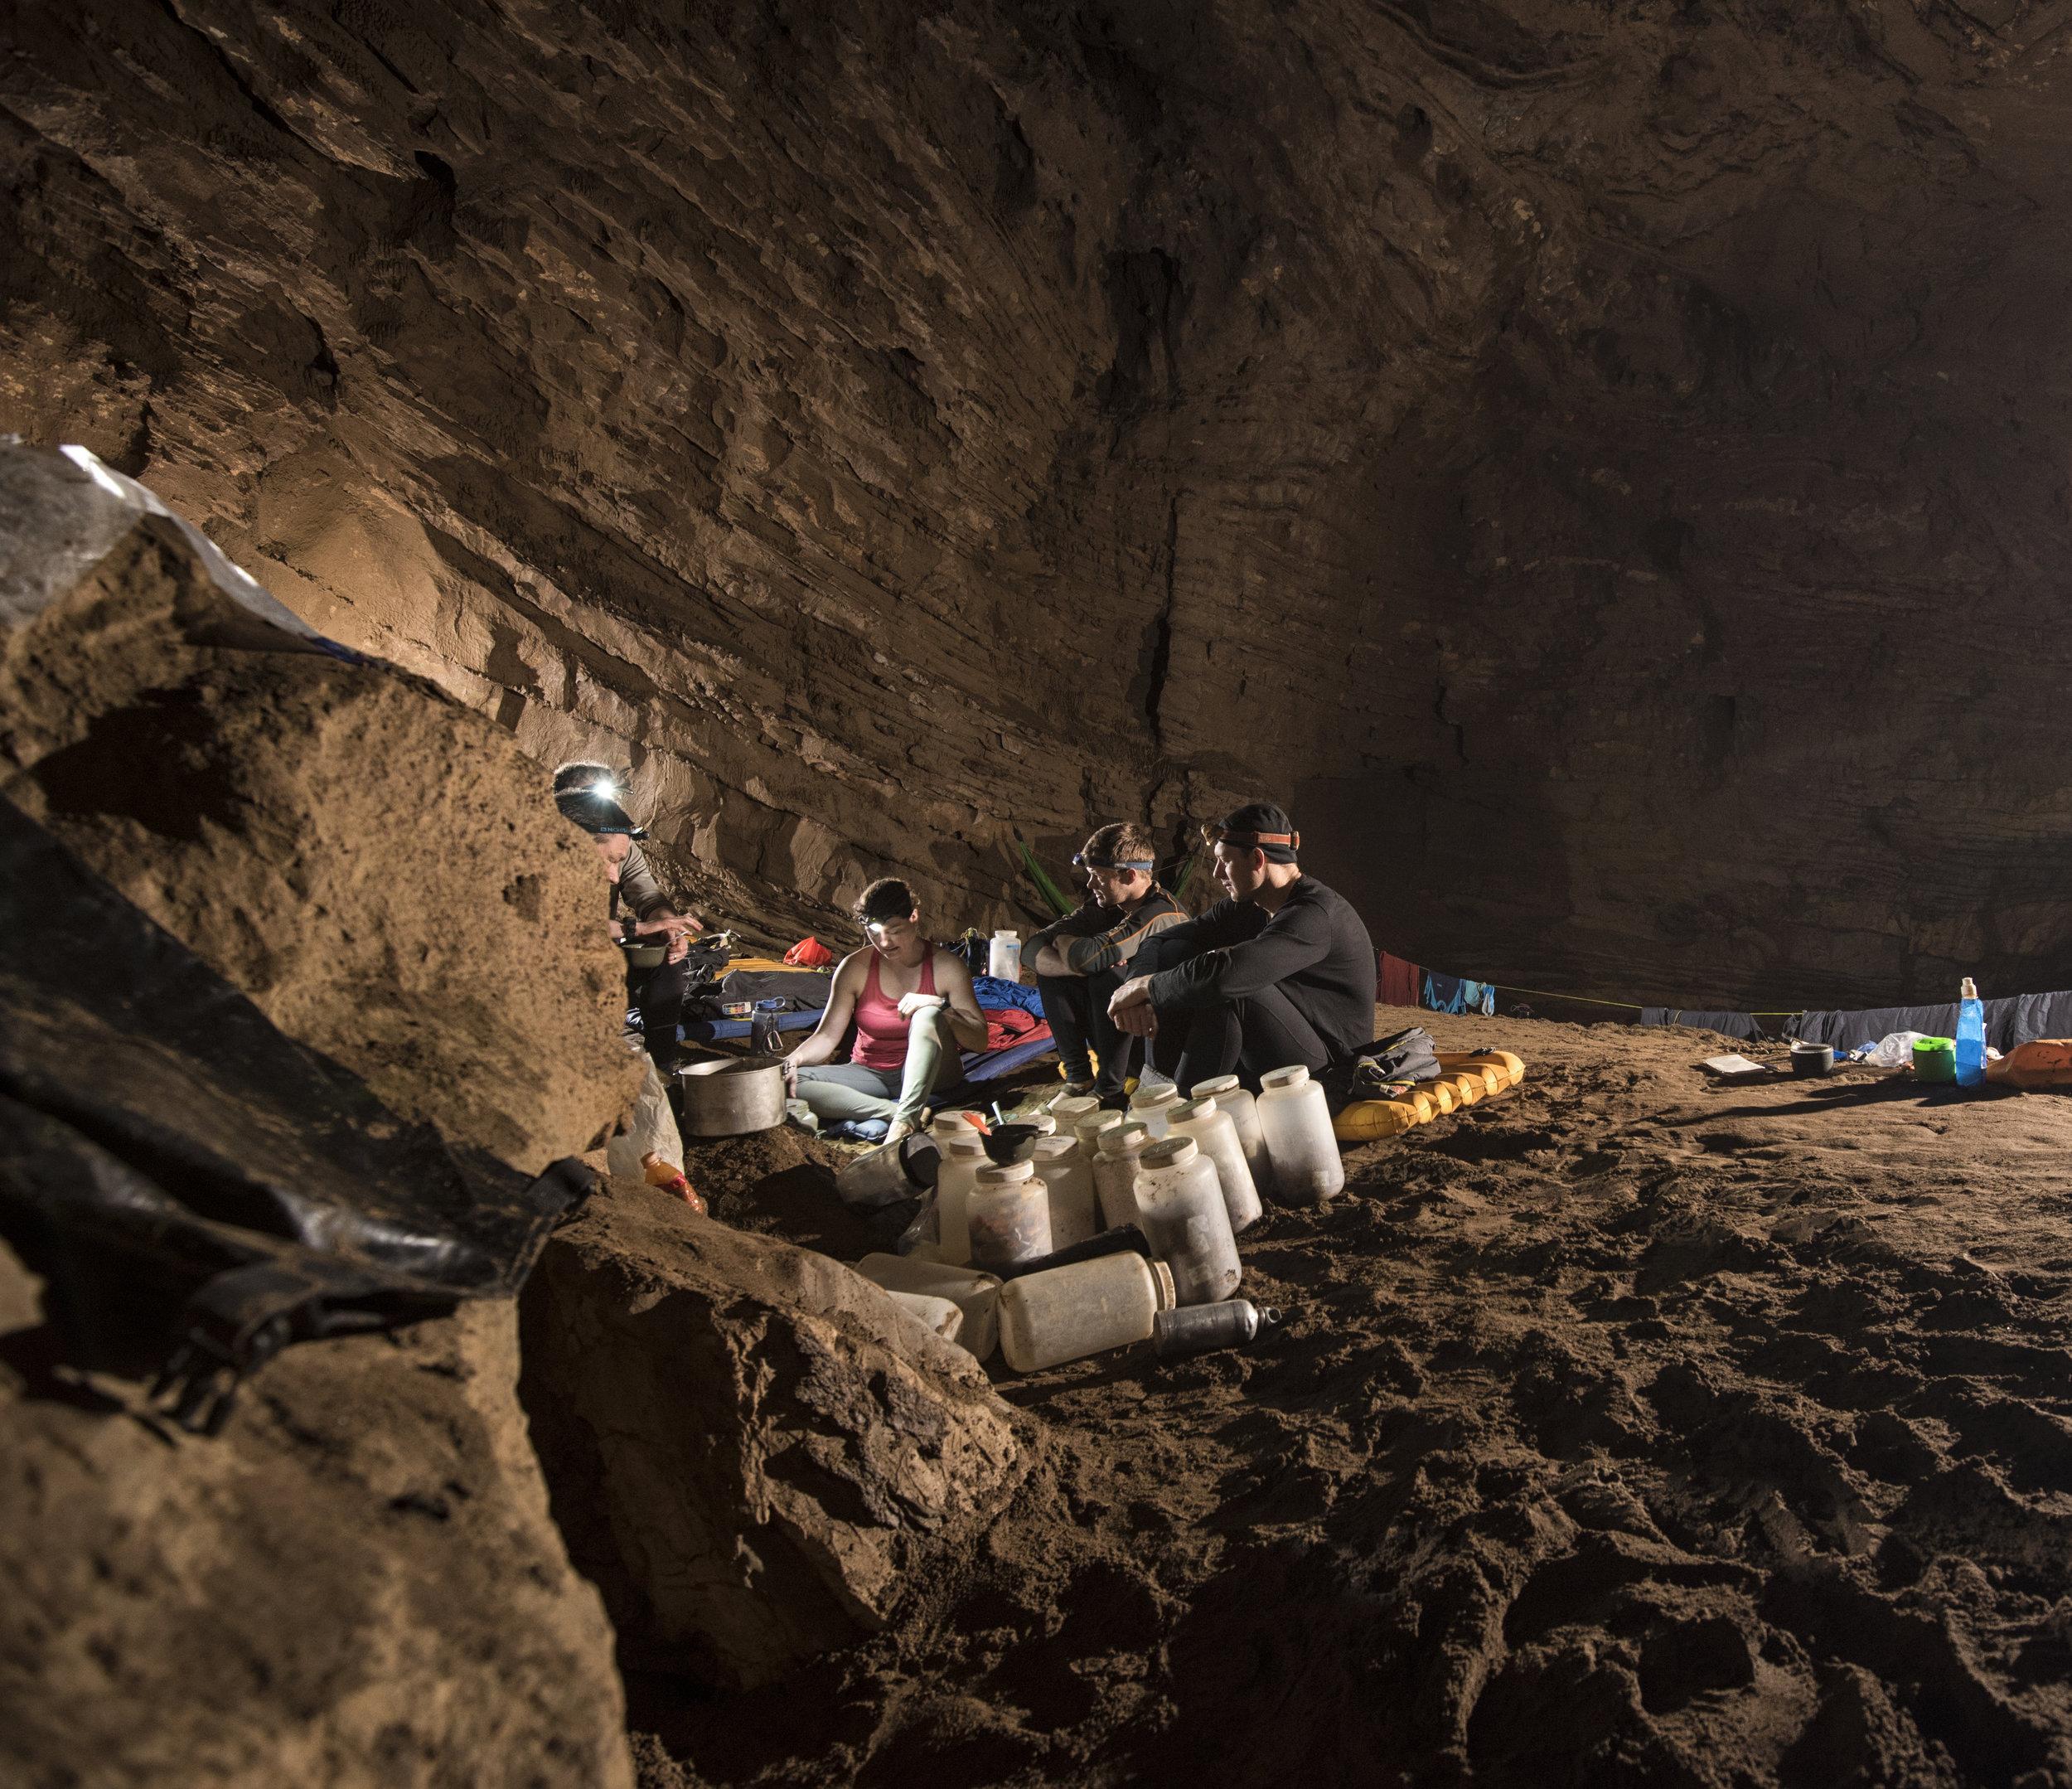 cueva-de-la-pena-colorada_26317437147_o.jpg